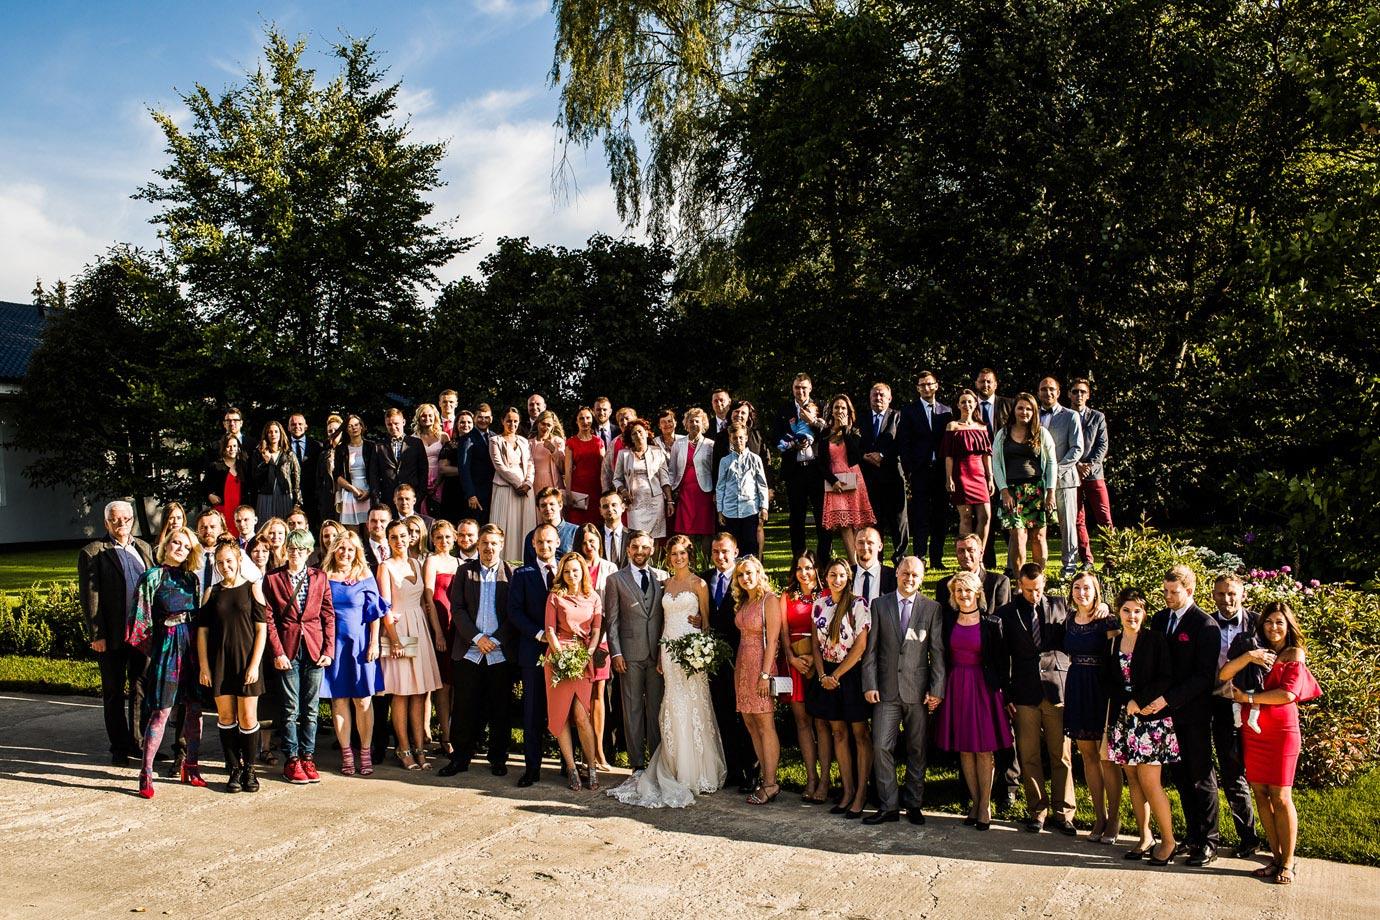 zdjęcie wszystkich gości na weselu